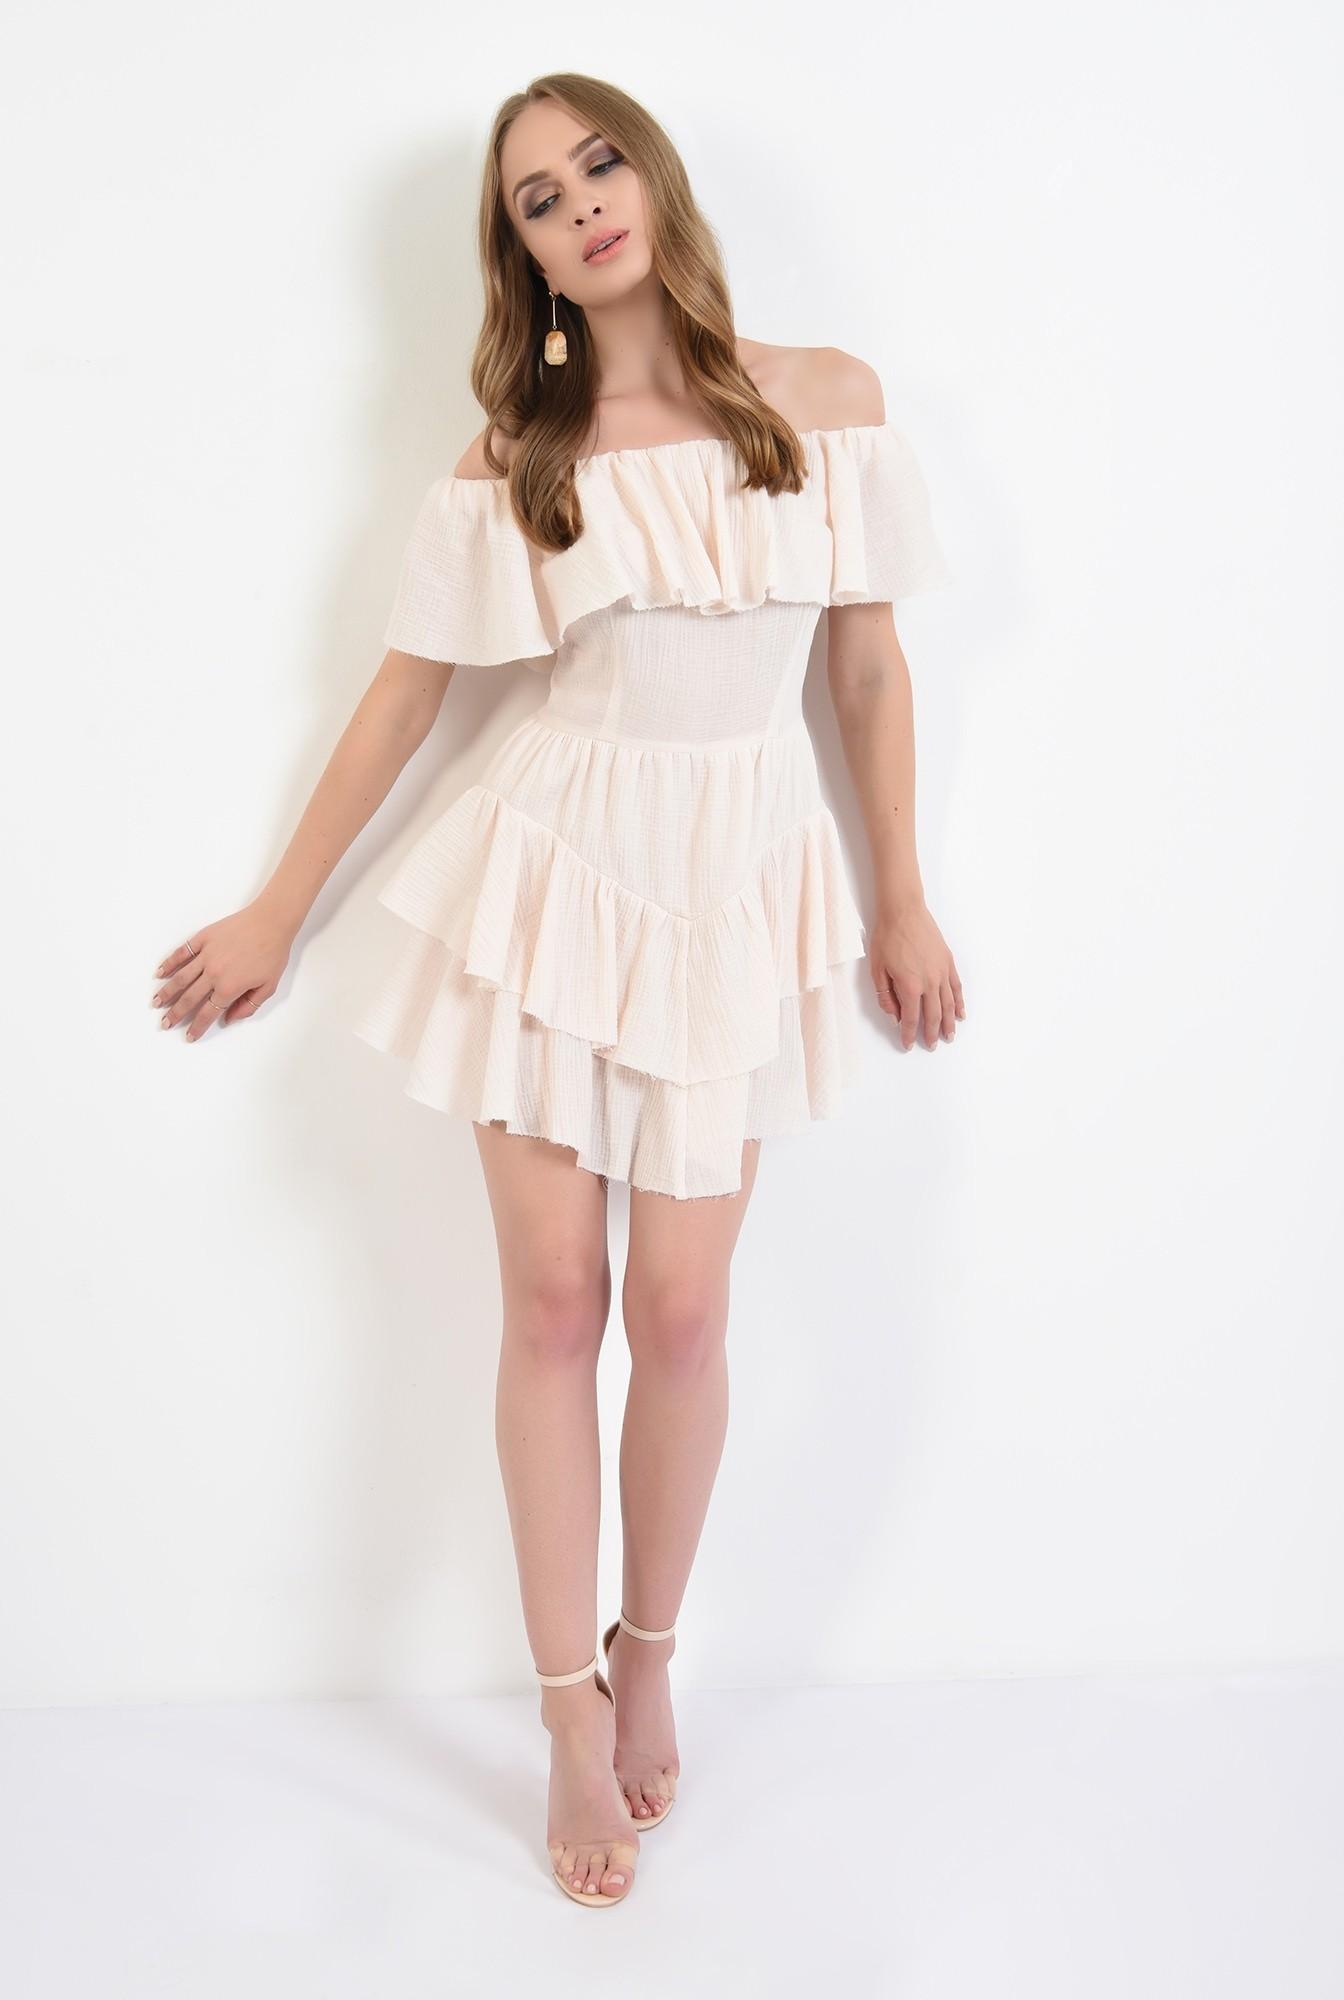 0 - rochie mini, asimetrica, din bumbac, Poema